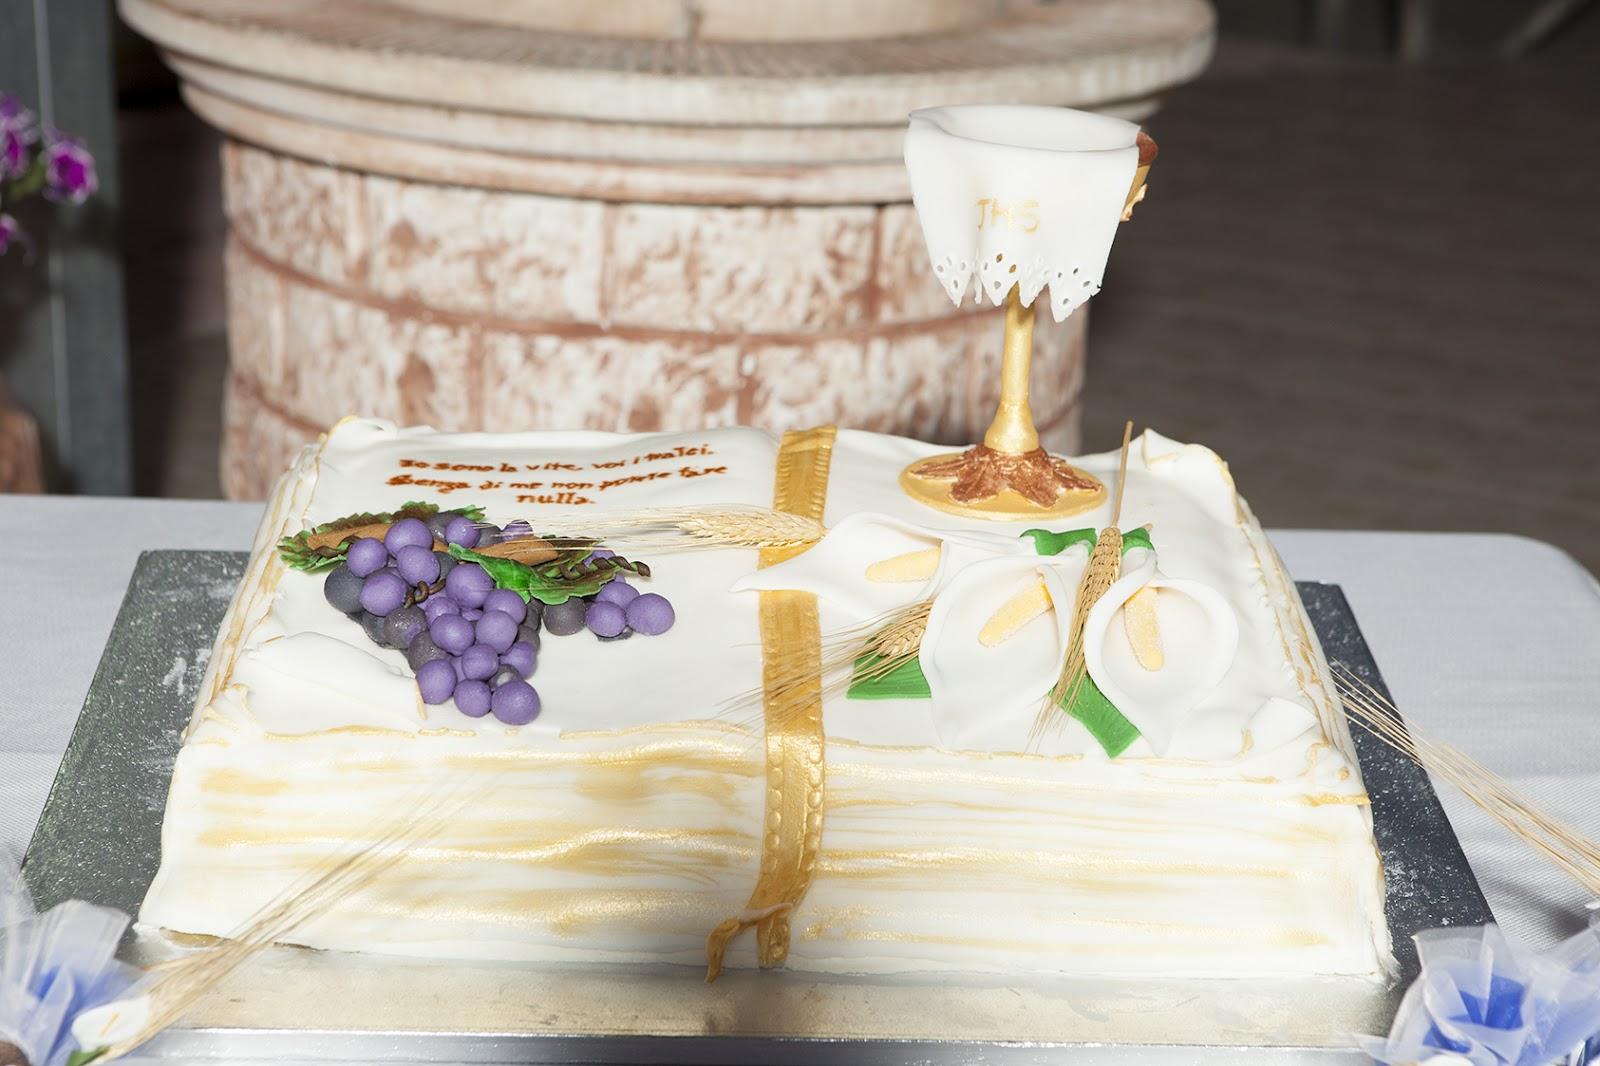 Le torte di lory torta prima comunione for Decorazione torte prima comunione